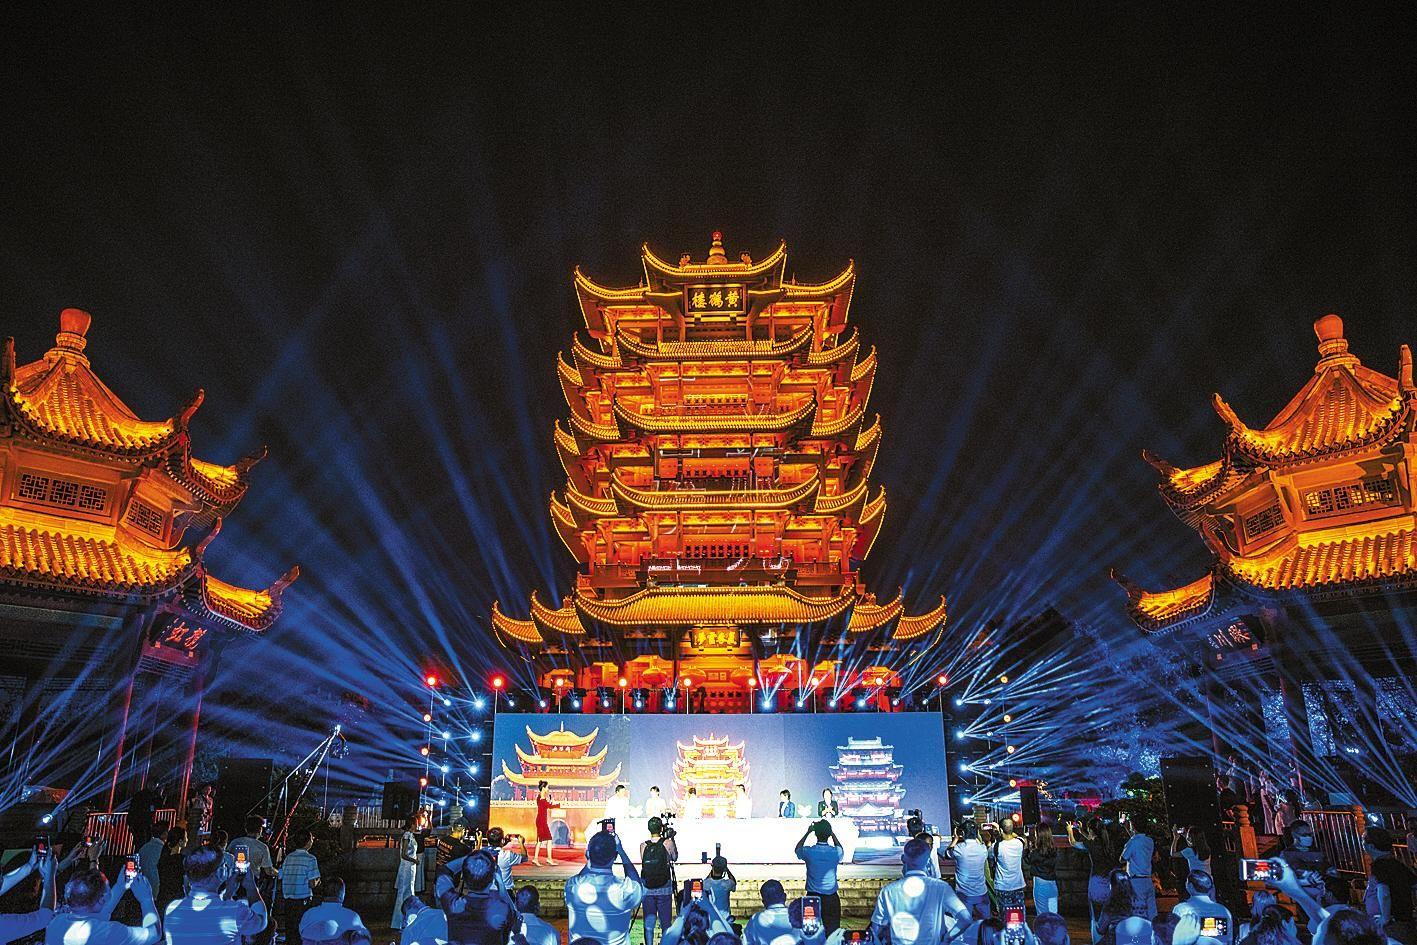 长江中游三省旅游合作发展联盟在汉成立